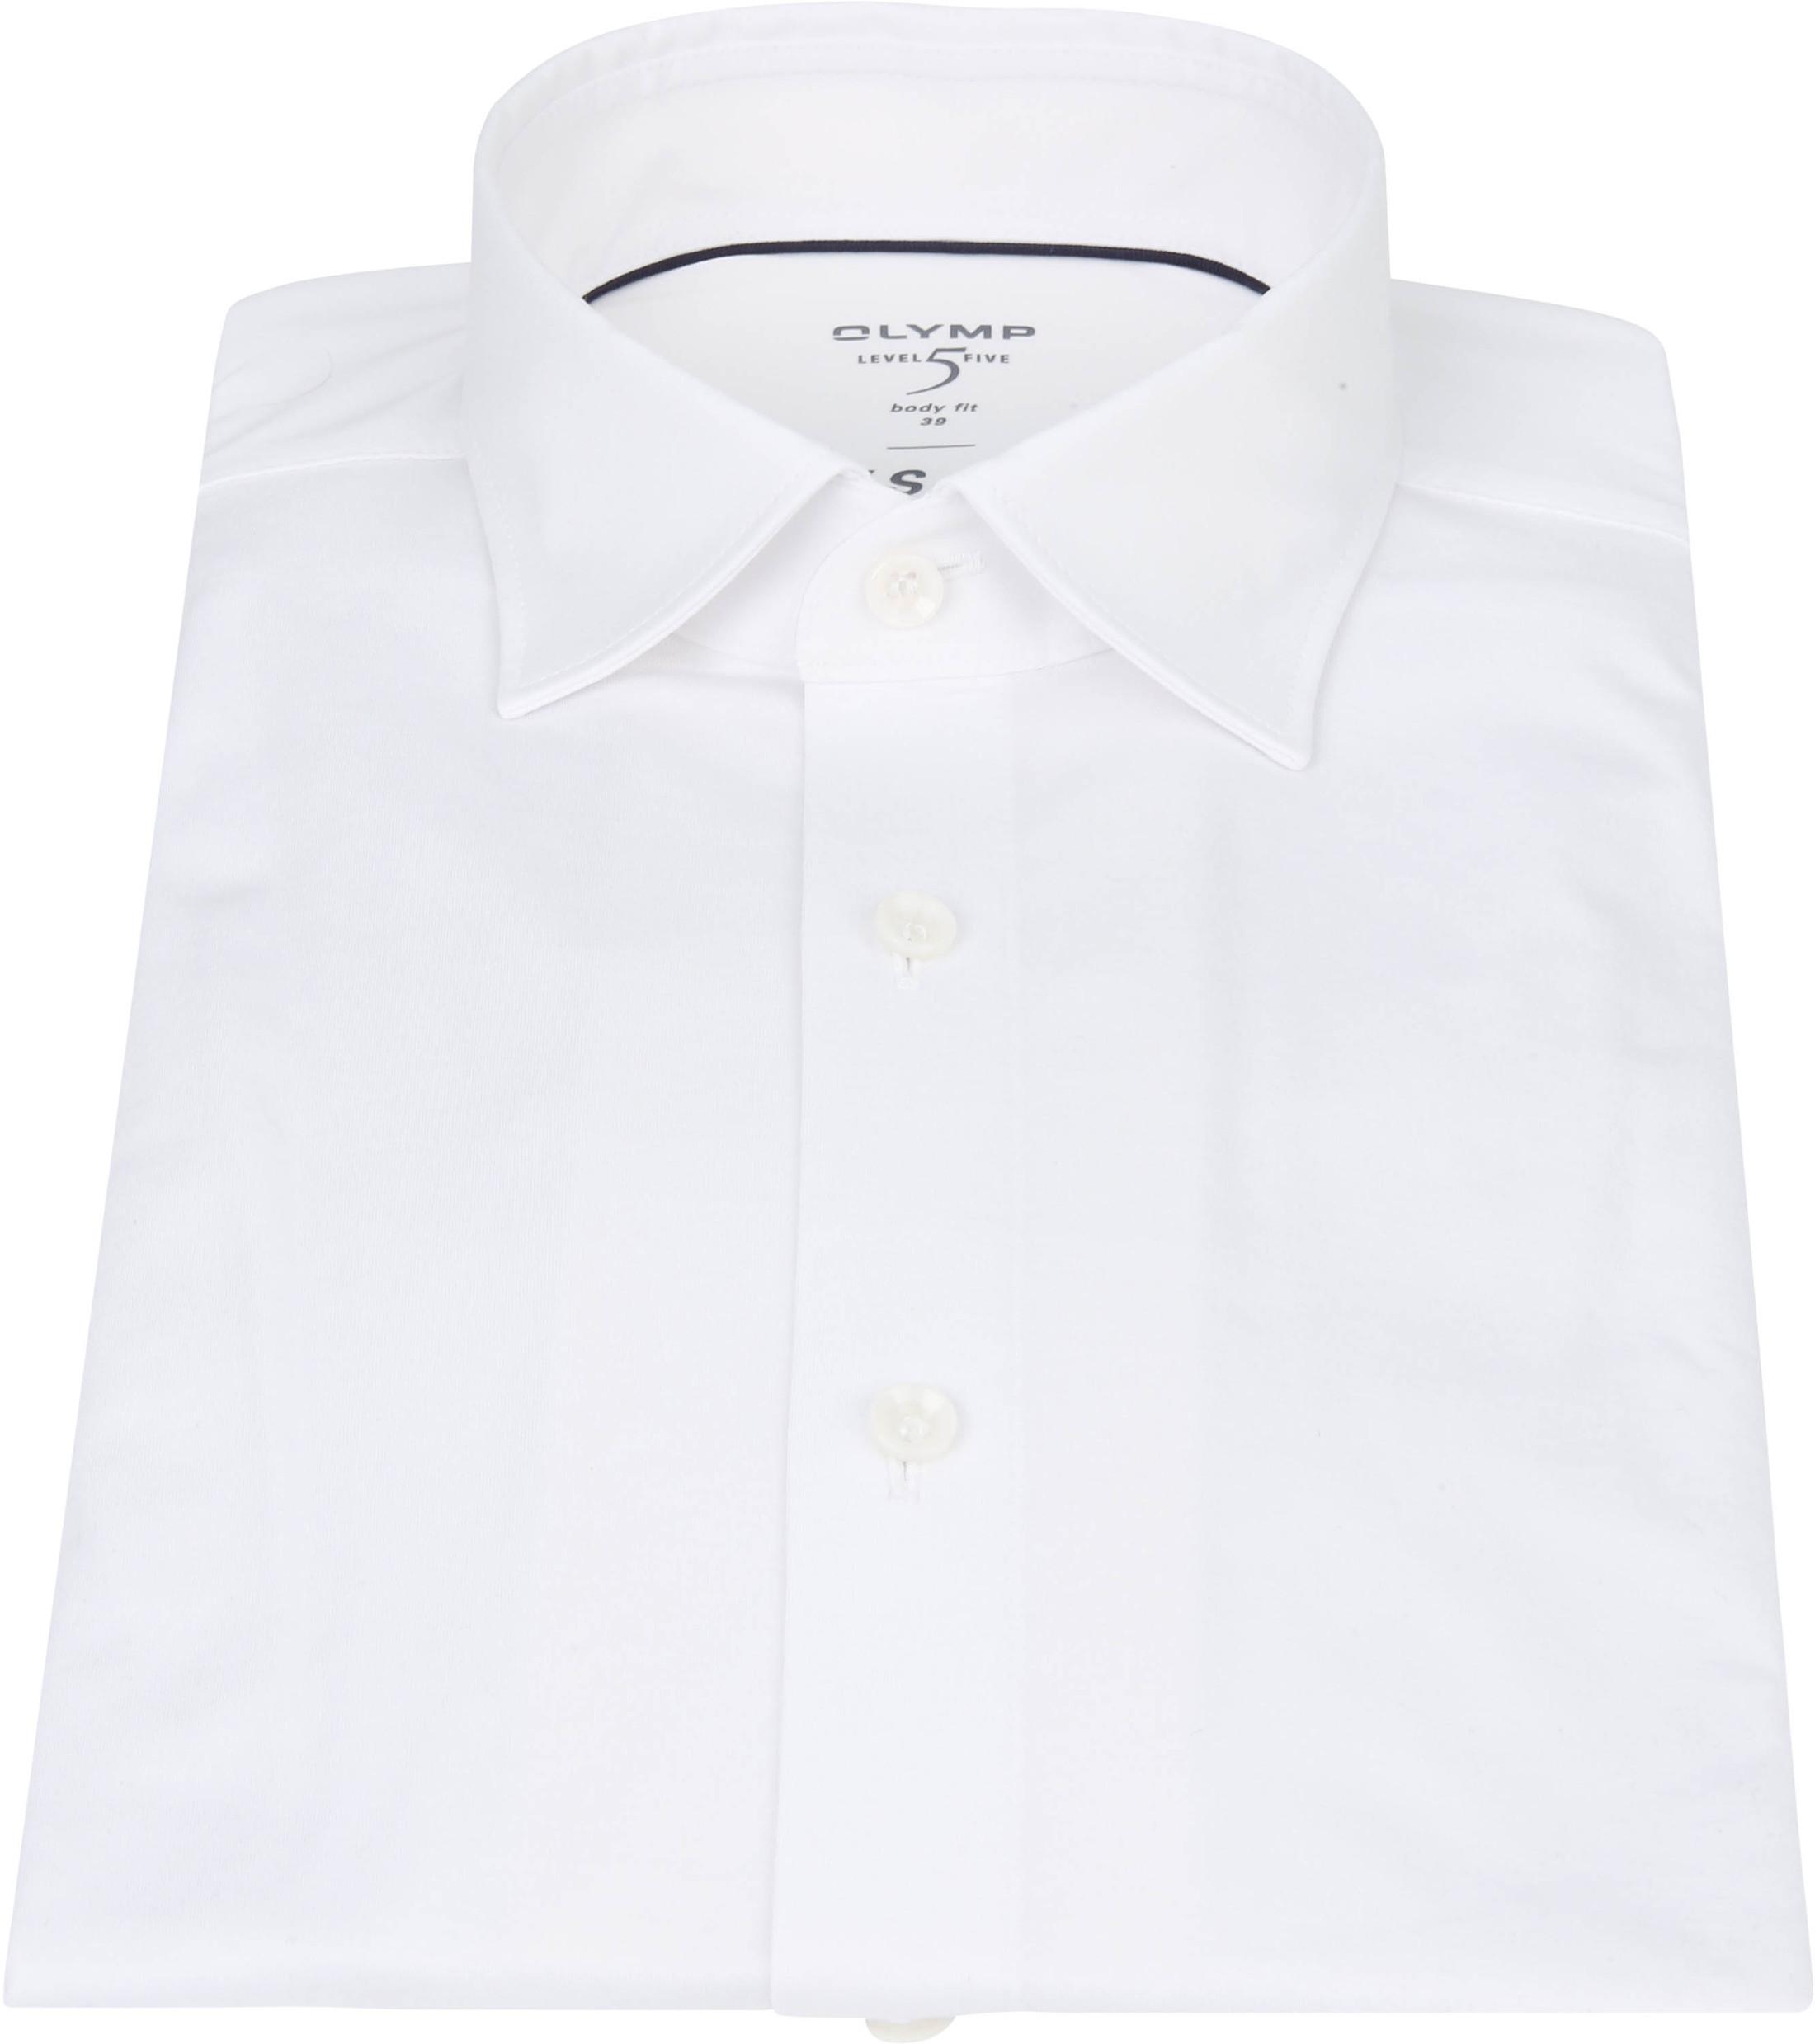 OLYMP Lvl 5 Overhemd 24/Seven Wit